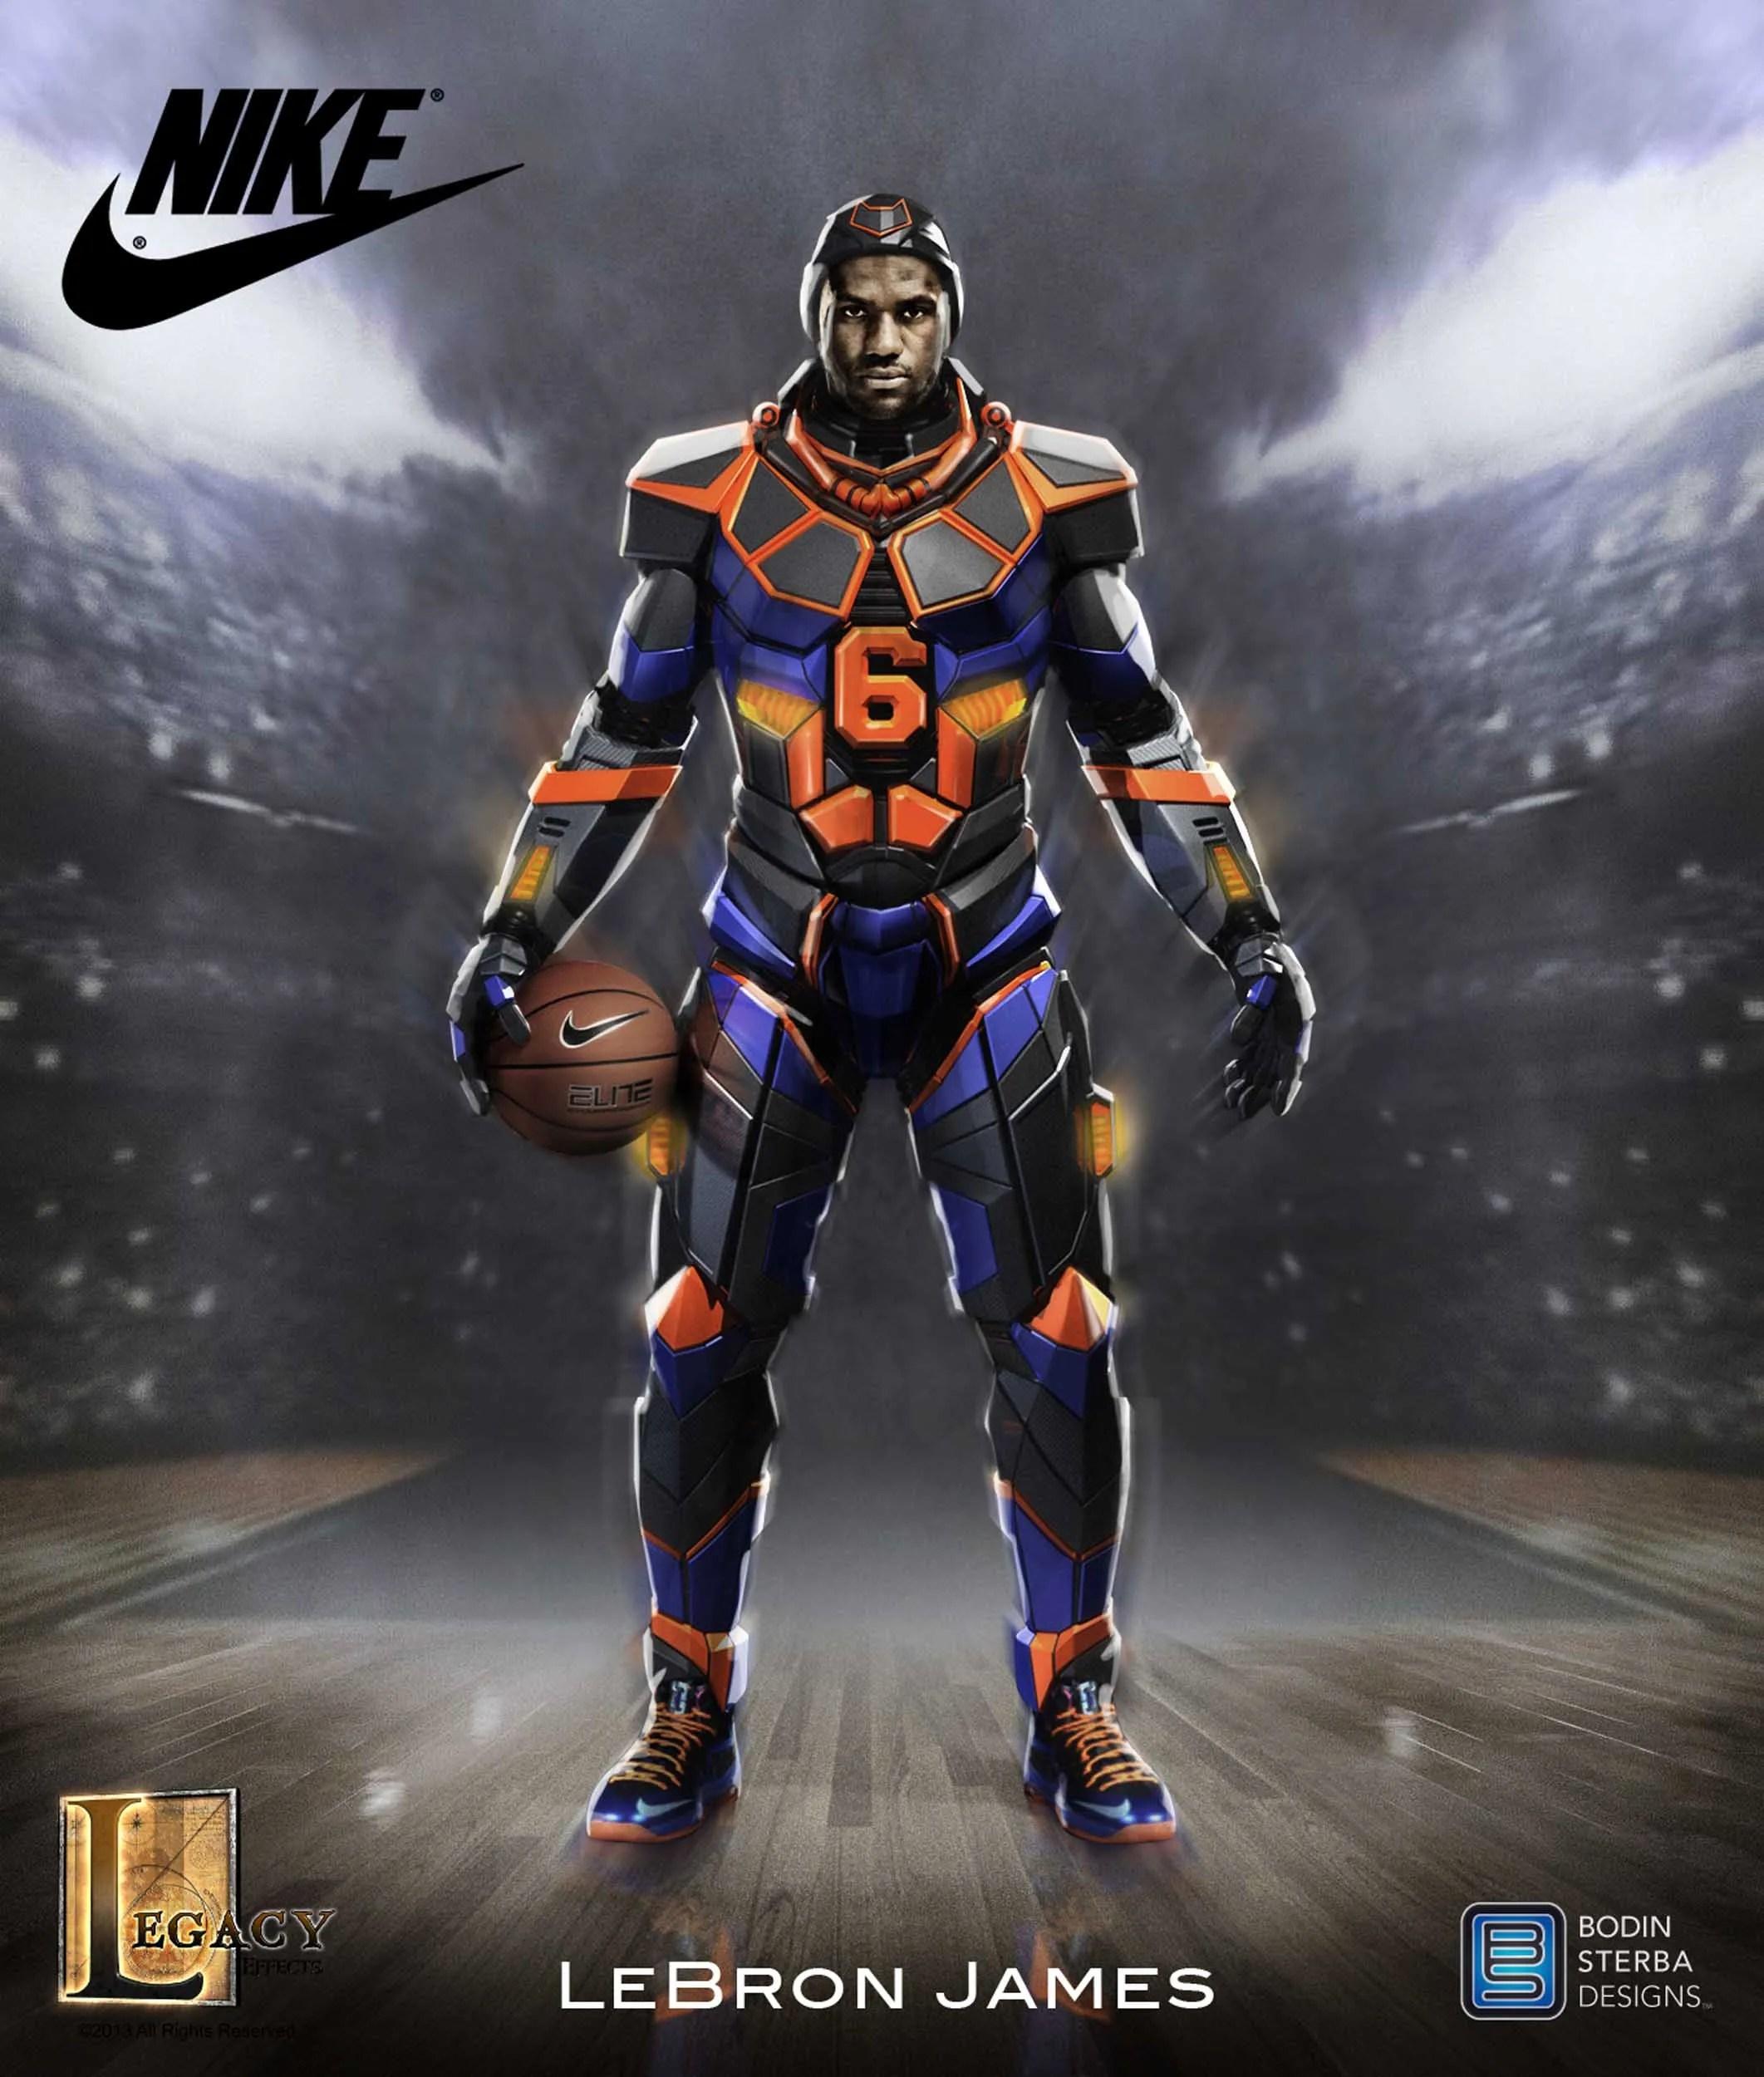 Lebron James Nike Superhero Elite suit final concept.